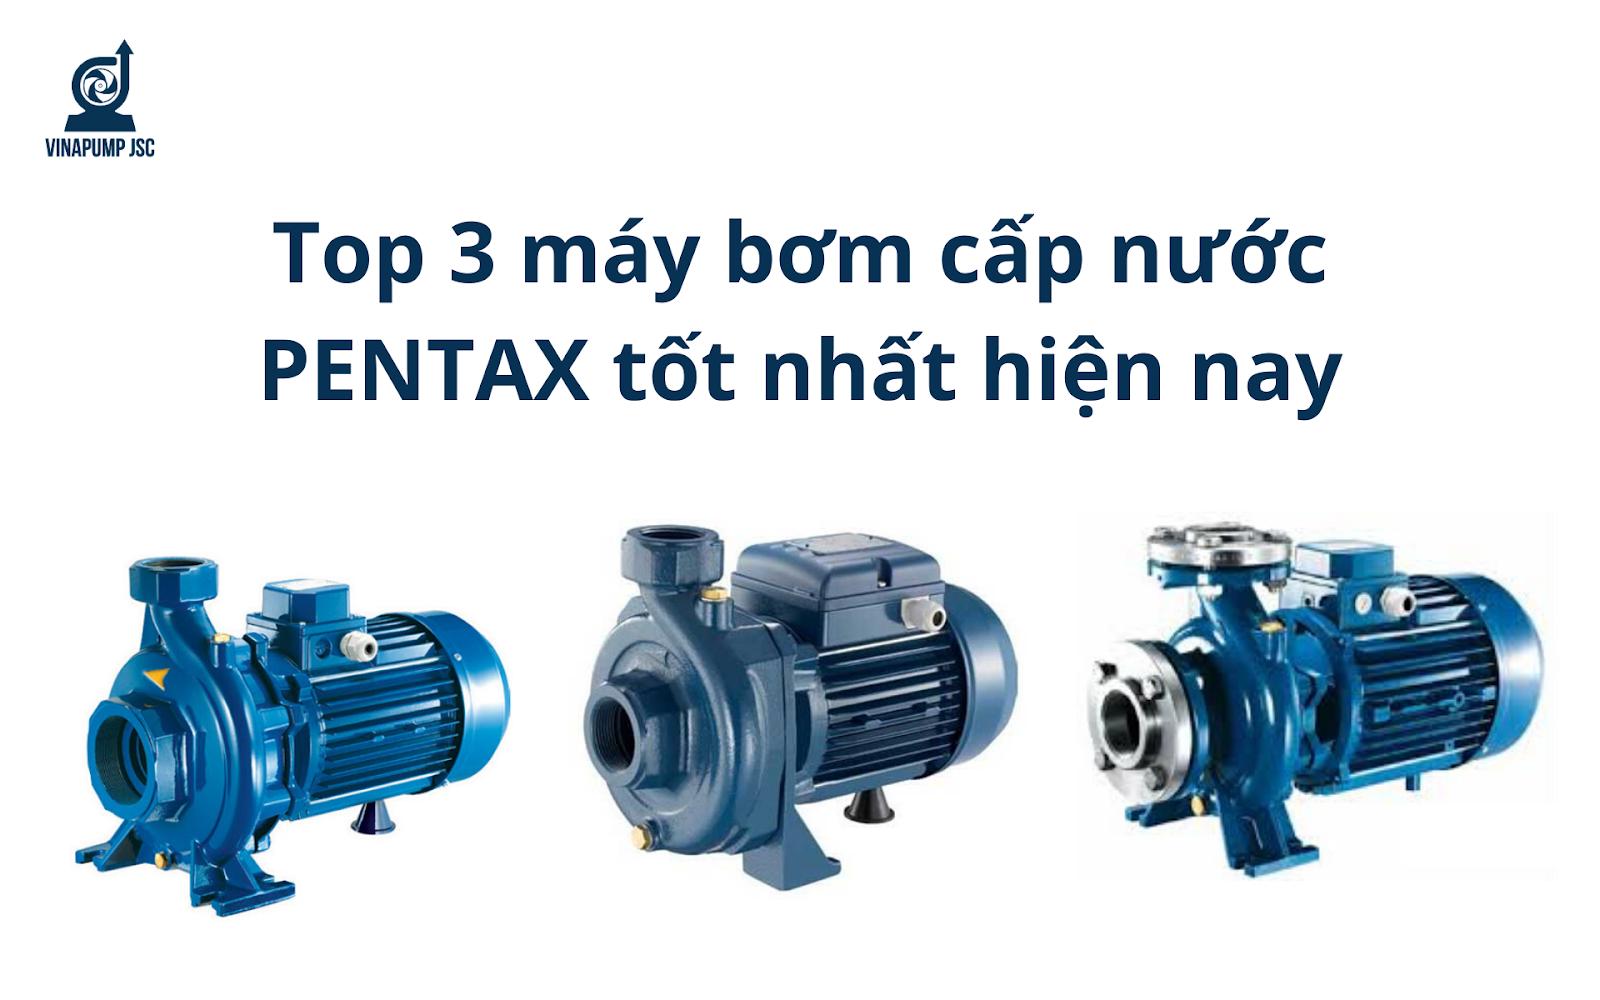 bom-cap-nuoc-pentax